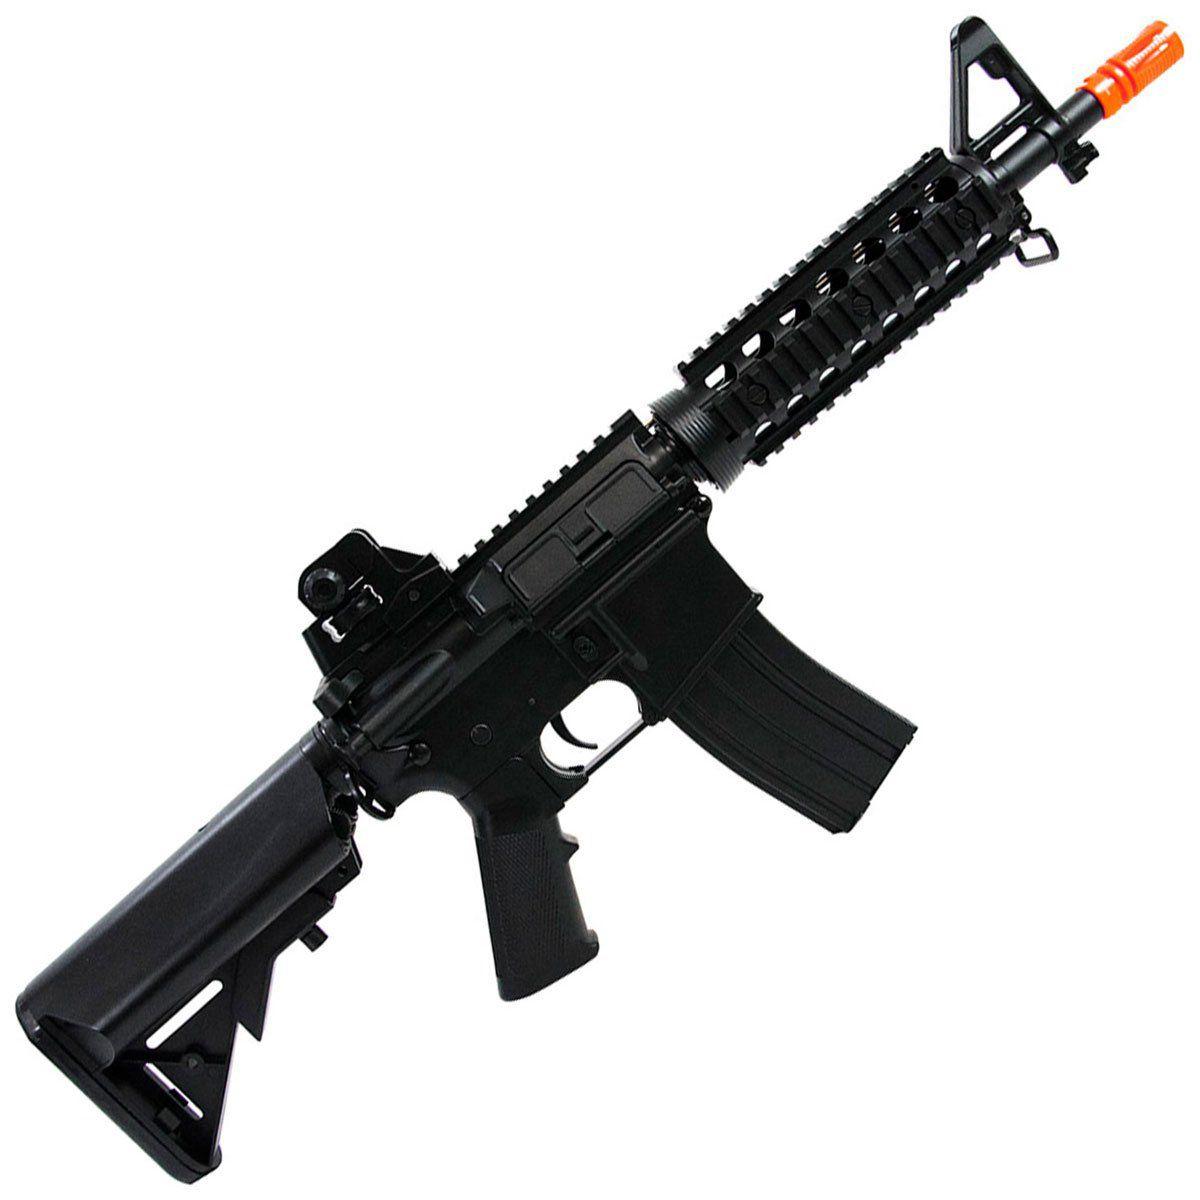 Rifle de Airsoft Cyma M4A1 Ris CM506 Elétrico Bivolt 6mm